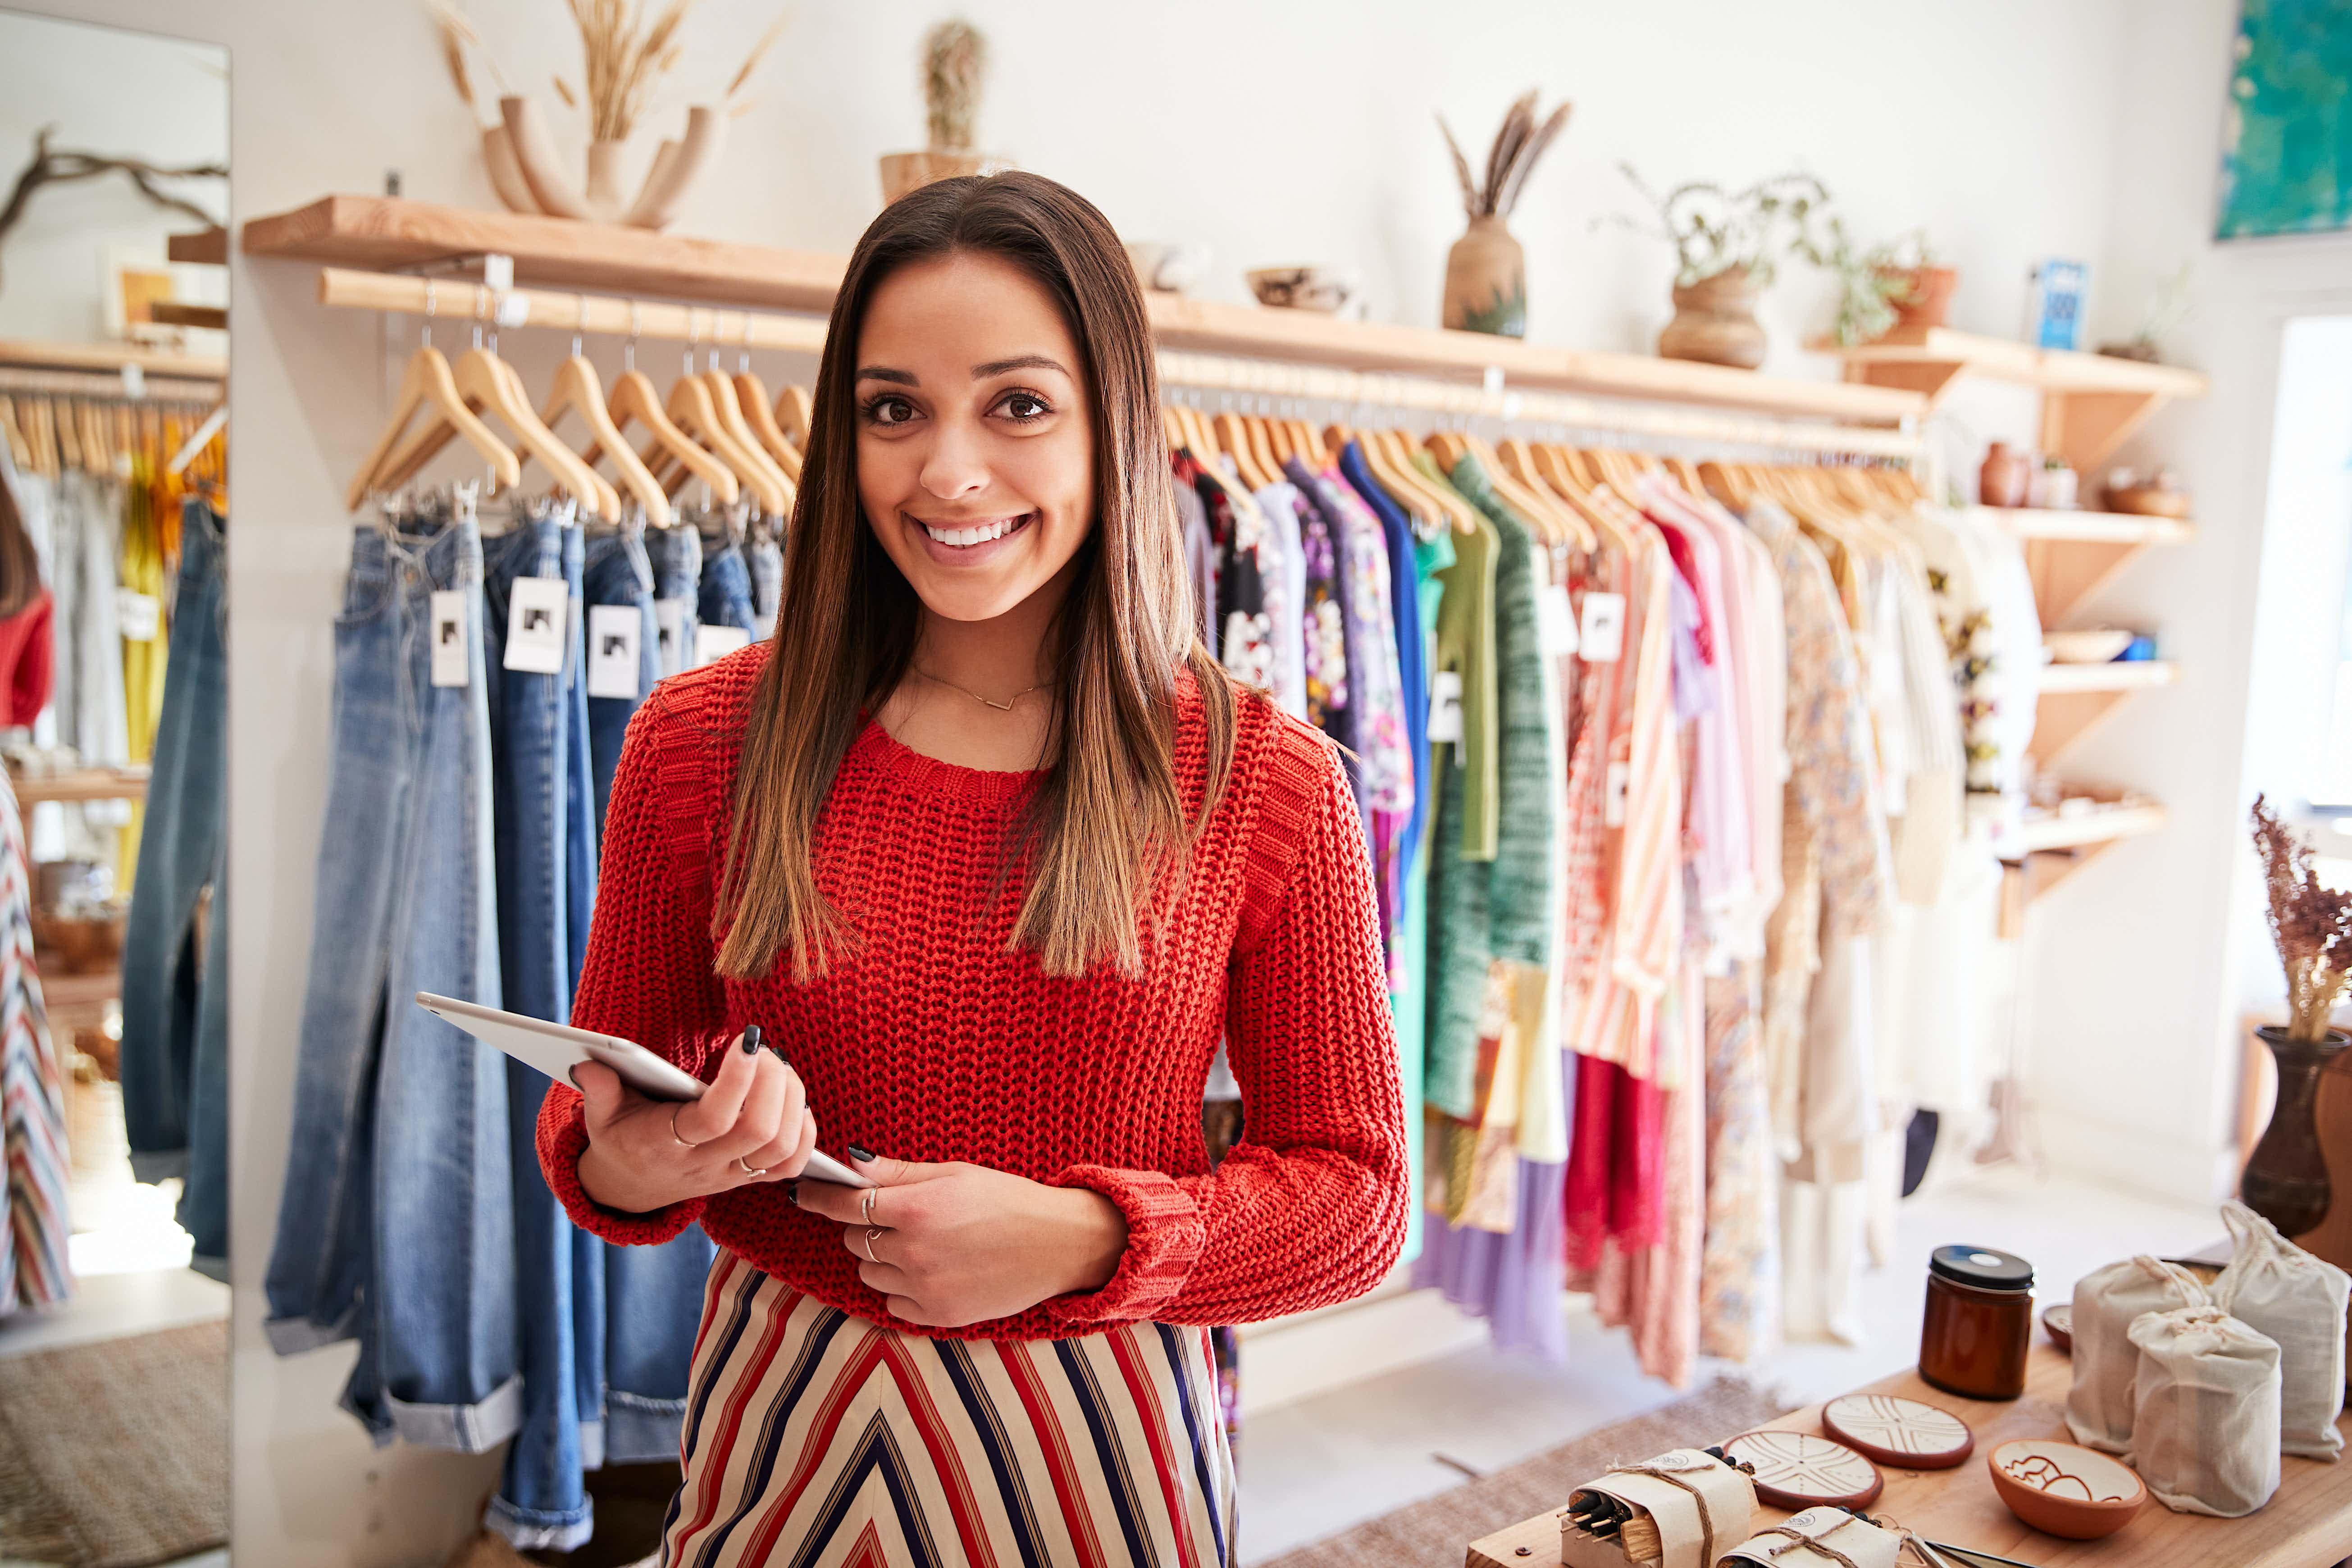 Kassensystem digital: Junge Frau mit Tablet in einem Geschäft